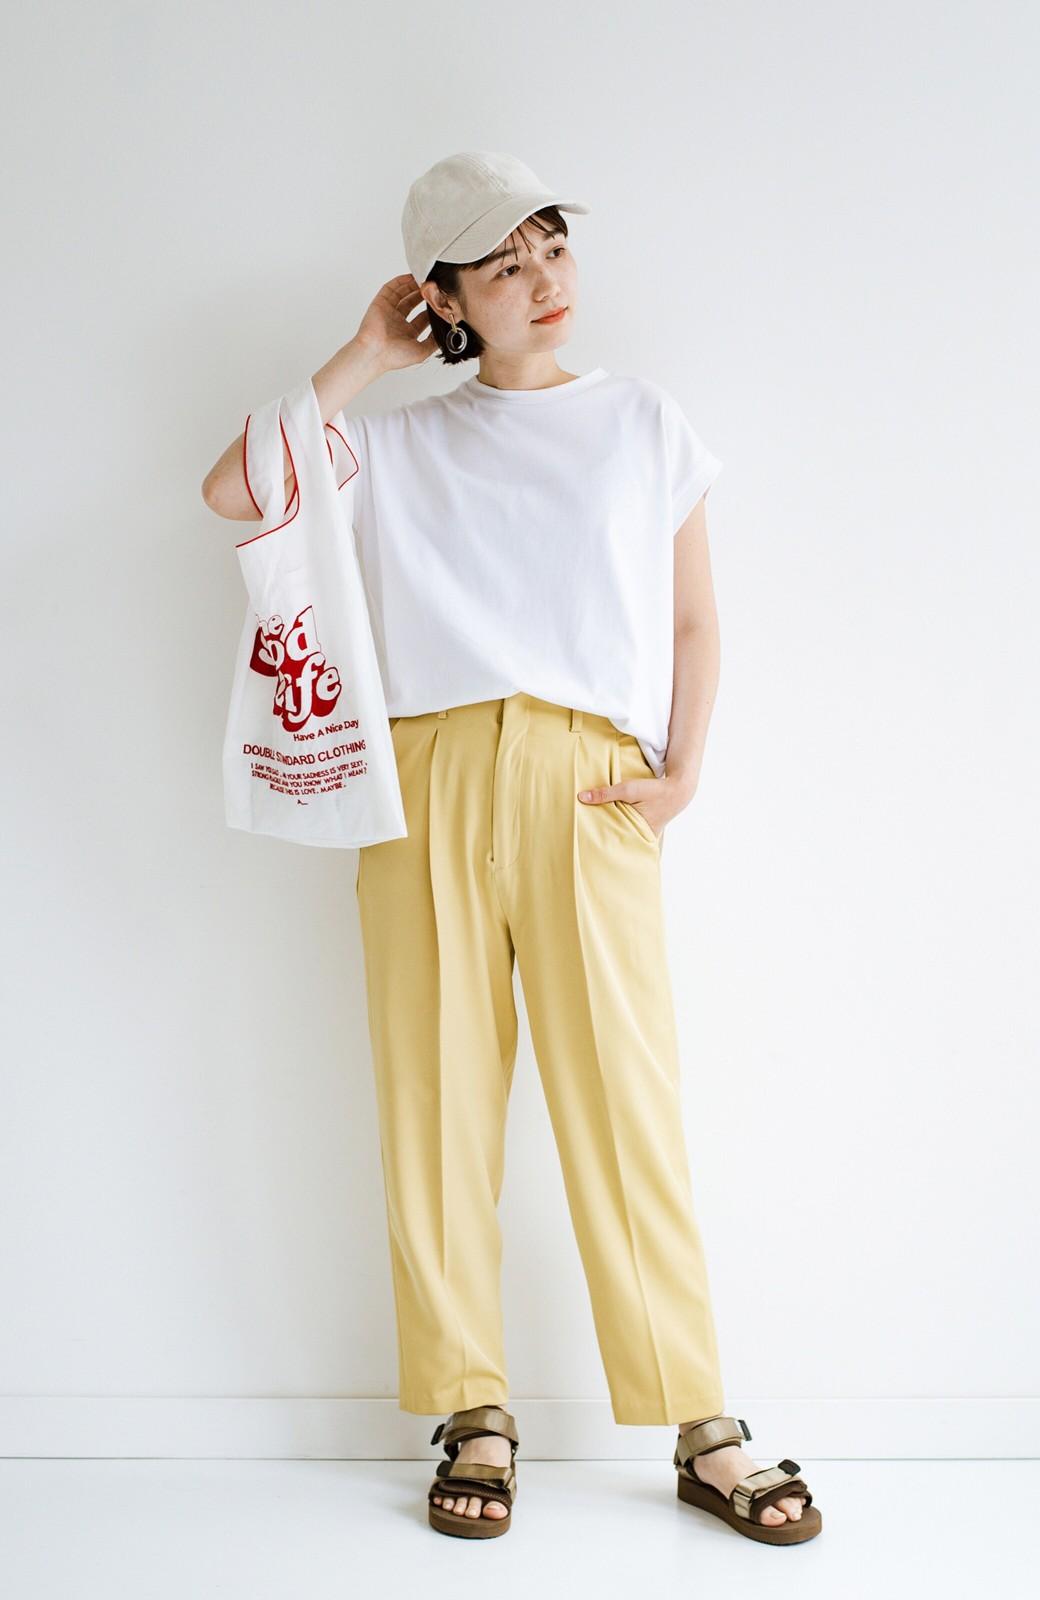 haco! 迷った朝はこれ着よう!元気が出るきれい色パンツにちょい袖大人Tシャツを合わせておいた作り置きコーデセット by que made me <その他>の商品写真3